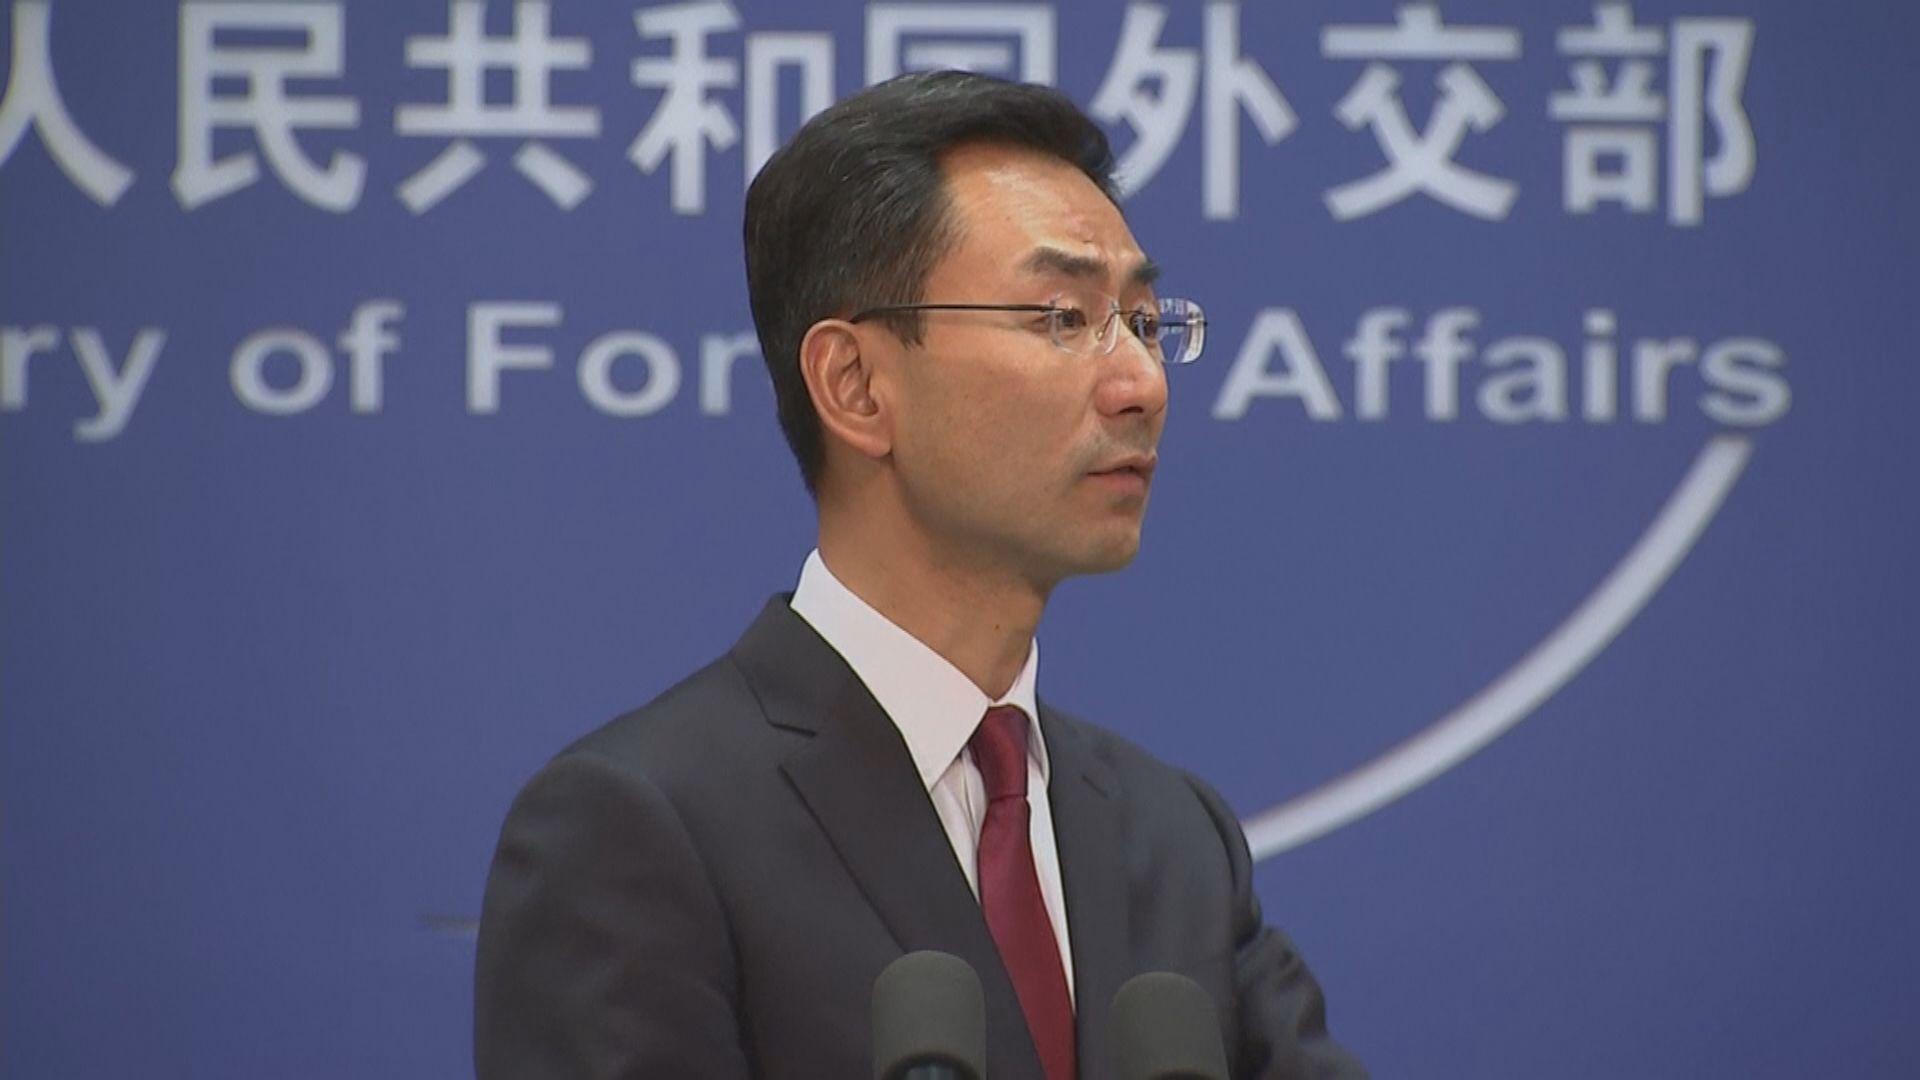 【中美貿戰升級】外交部:中美元首一直保持聯繫